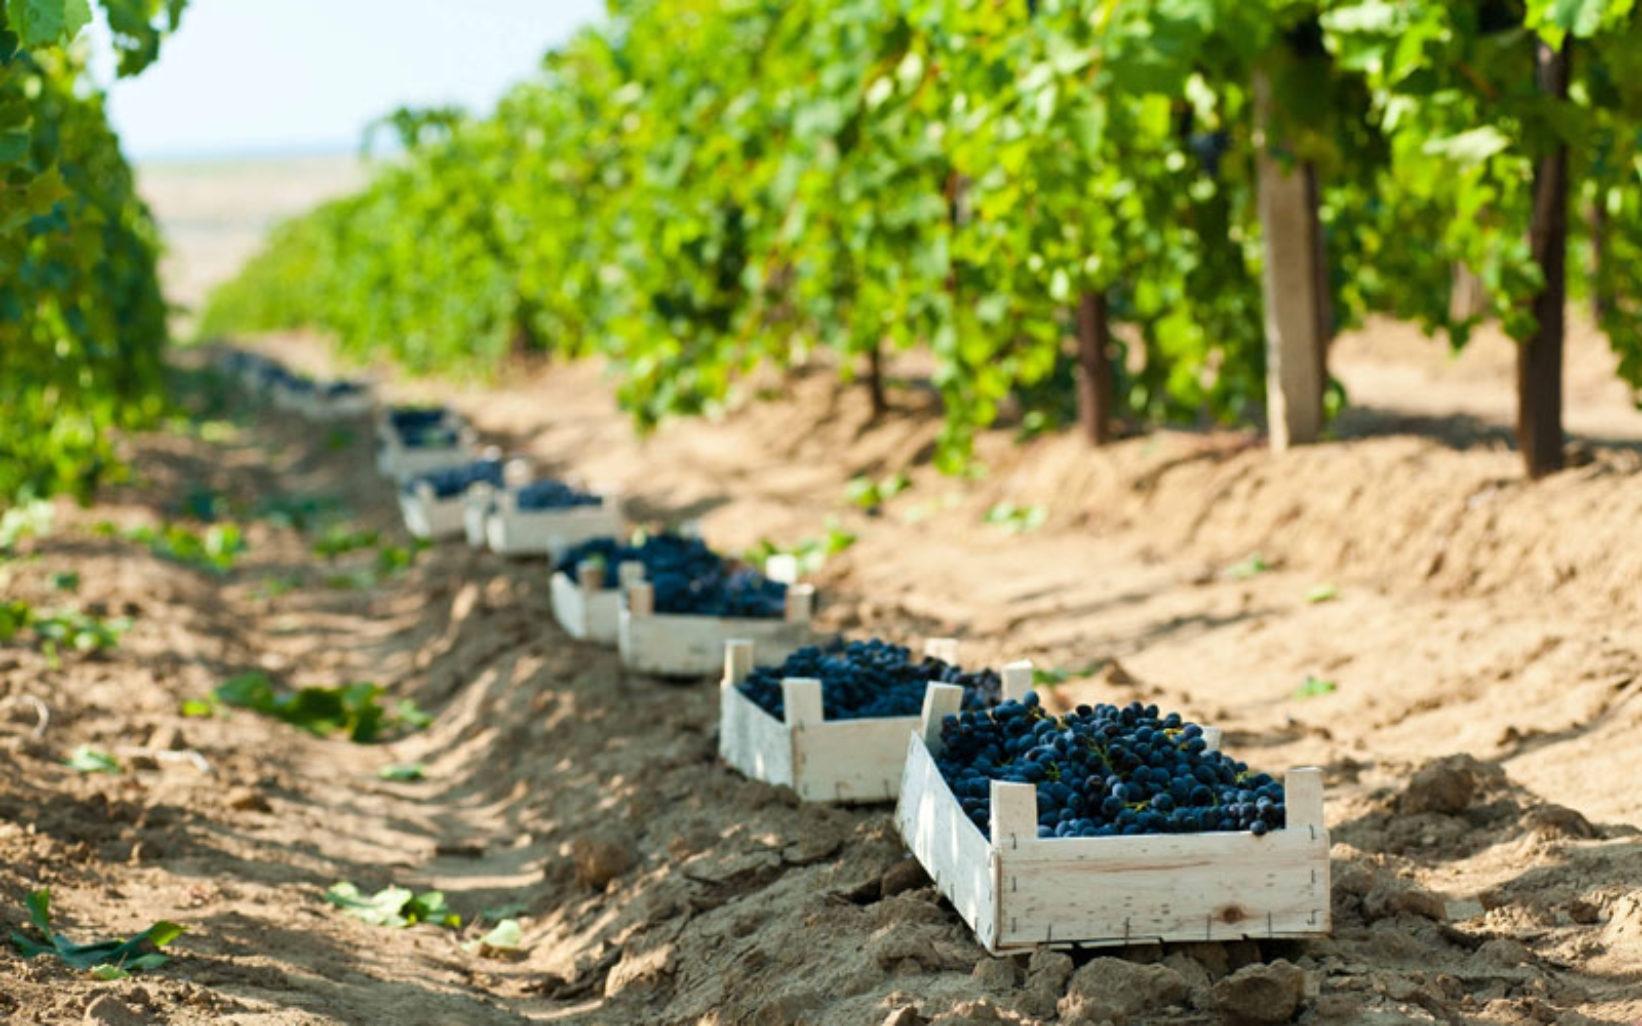 Севастопольское вино отправится на выставку в Италию